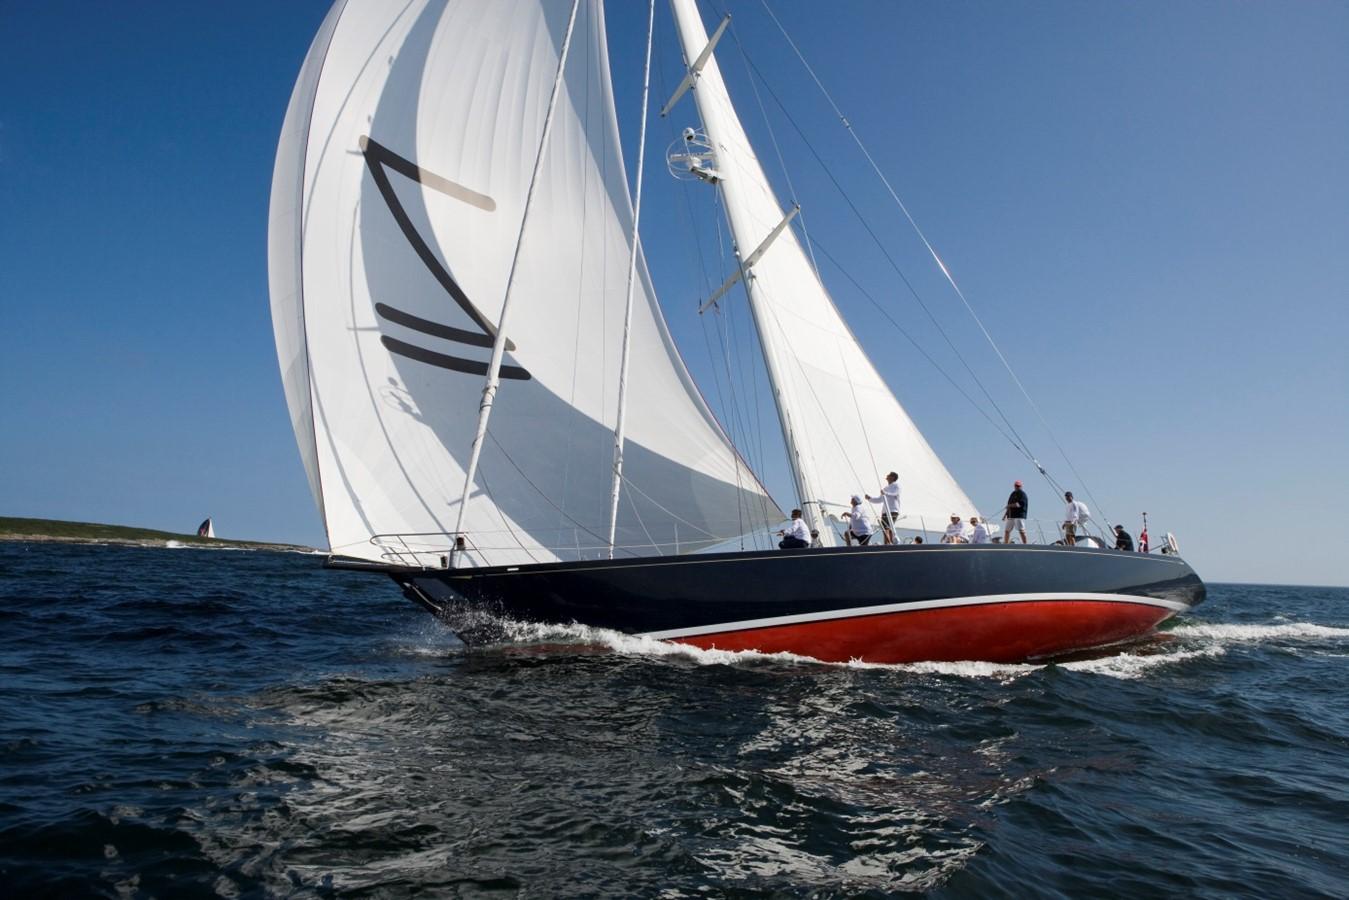 Metolius 1992 ROYAL HUISMAN 84' Cruising Sailboat 1255709